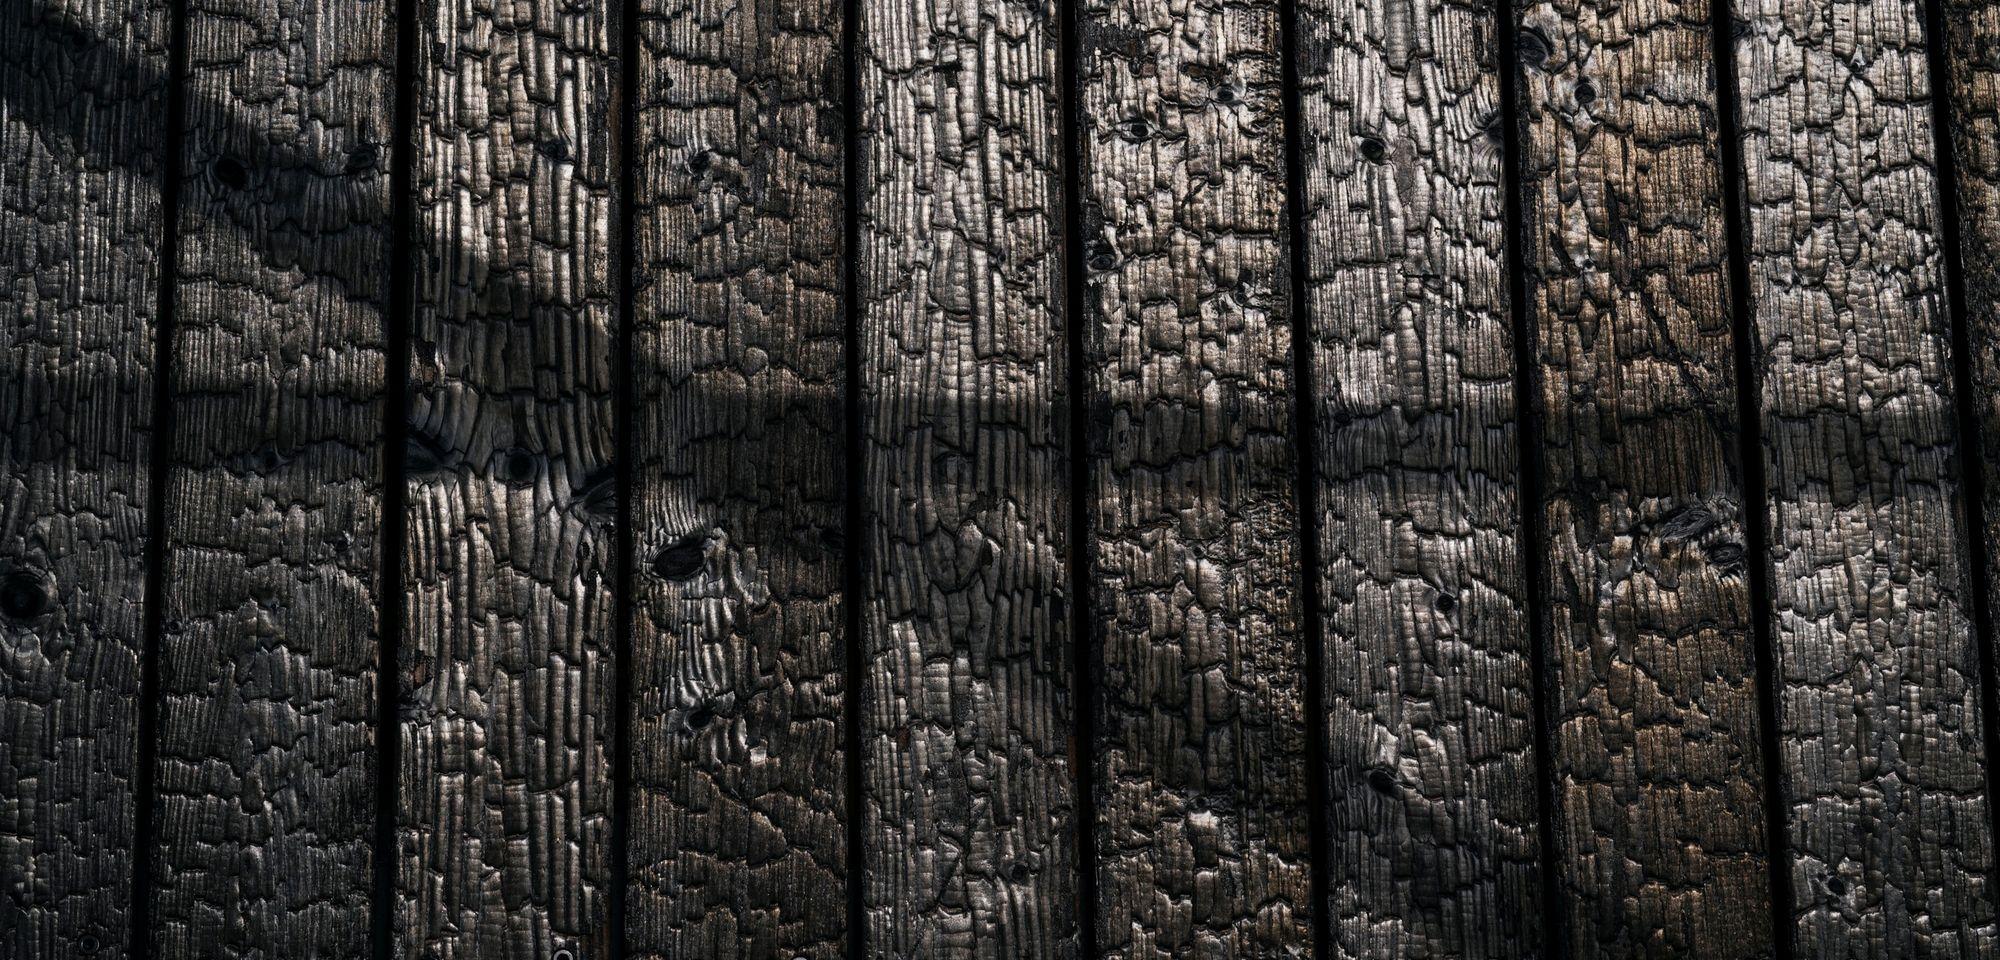 Facciata esterna carbonizzata - Yakisugi © Manfred Jarisch, Bayerische Staatsforsten